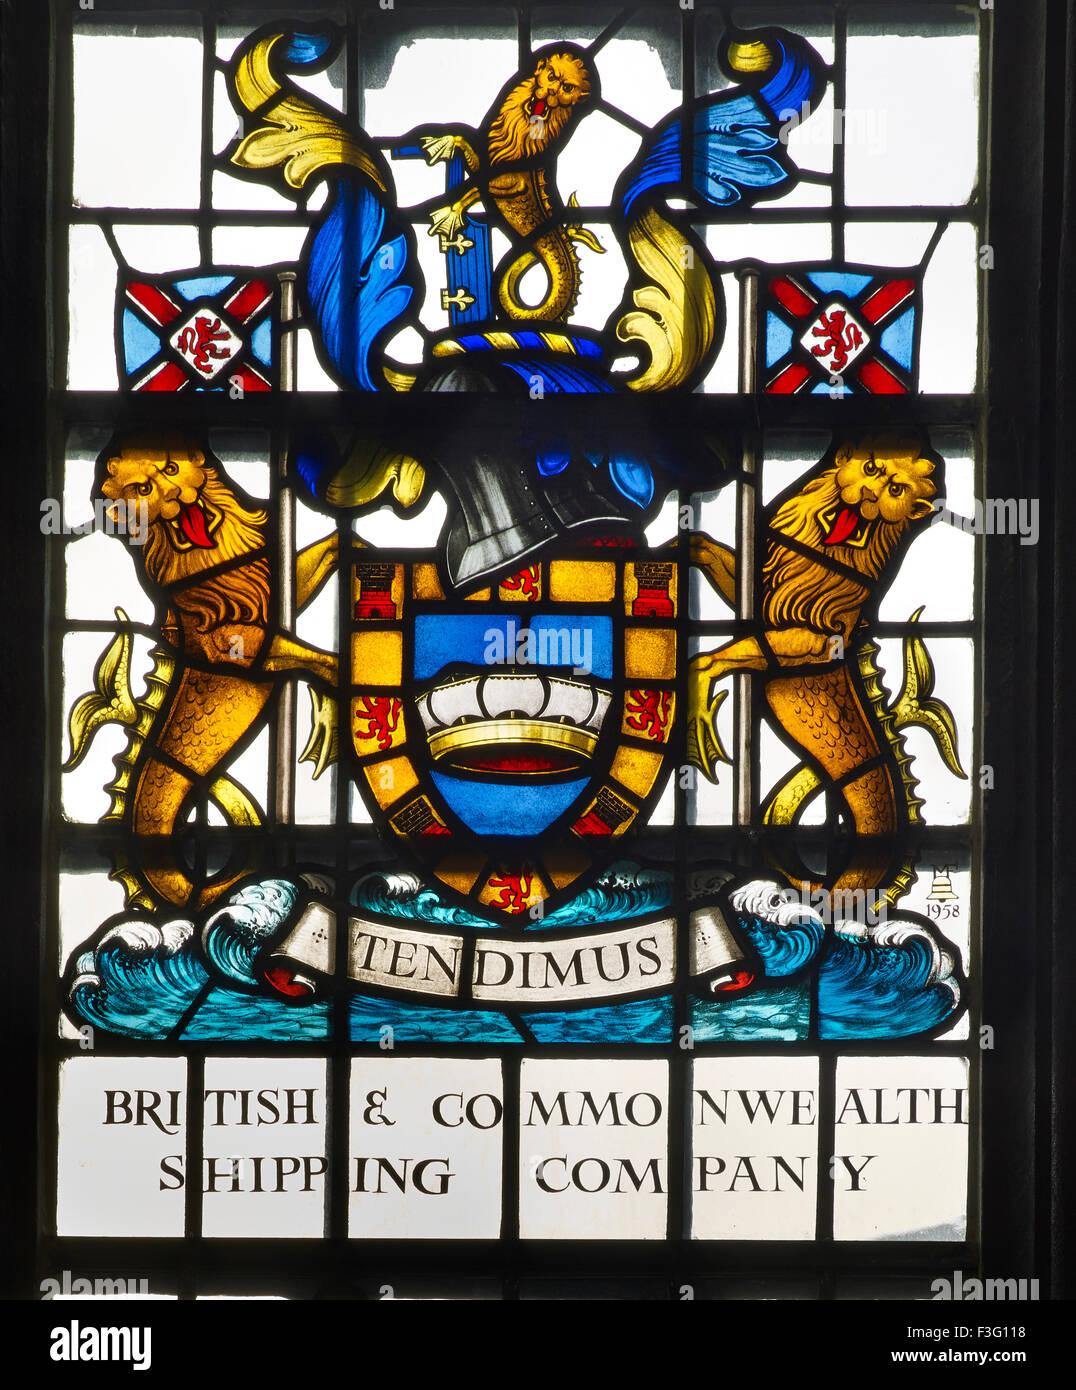 All Hallows por la compañía naviera, la ventana de la torre Imagen De Stock